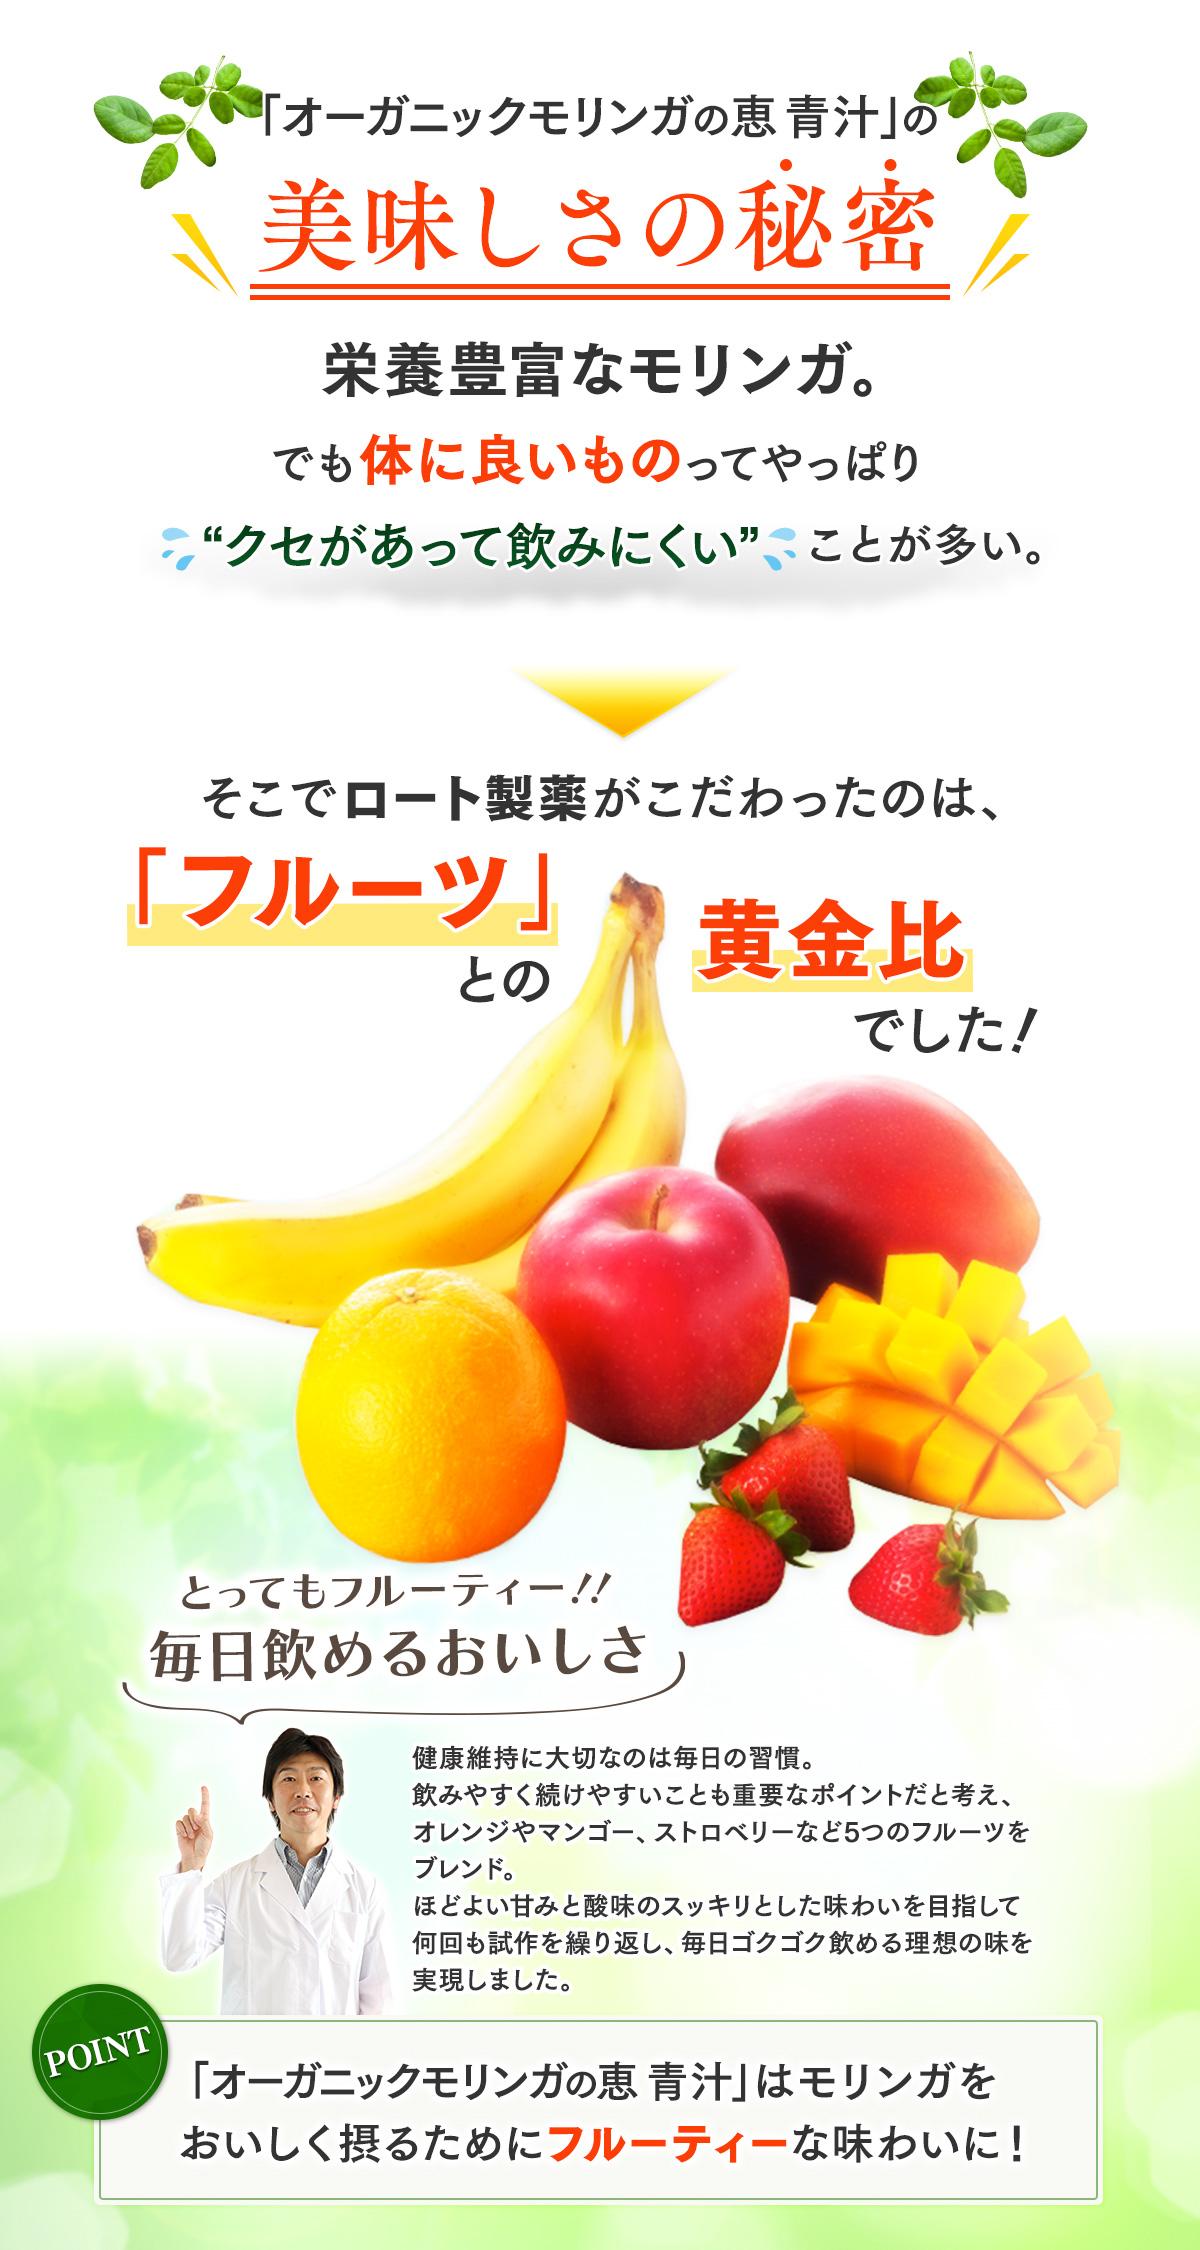 オーガニックモリンガの恵 青汁の美味しさの秘密 とってもフルーティー!!毎日飲めるおいしさ 健康維持に大切なのは毎日の習慣。飲みやすく続けやすいことも重要なポイントです。オレンジやマンゴー、ストロベリーなど5つのフルーツをブレンド。ほどよい甘みと酸味のスッキリとした味わいを目指して何千回と試作を繰り返し、毎日ゴクゴク飲める理想の味を実現しました。野菜だけでは摂ることのできないミネラルを補えるのも特徴です。